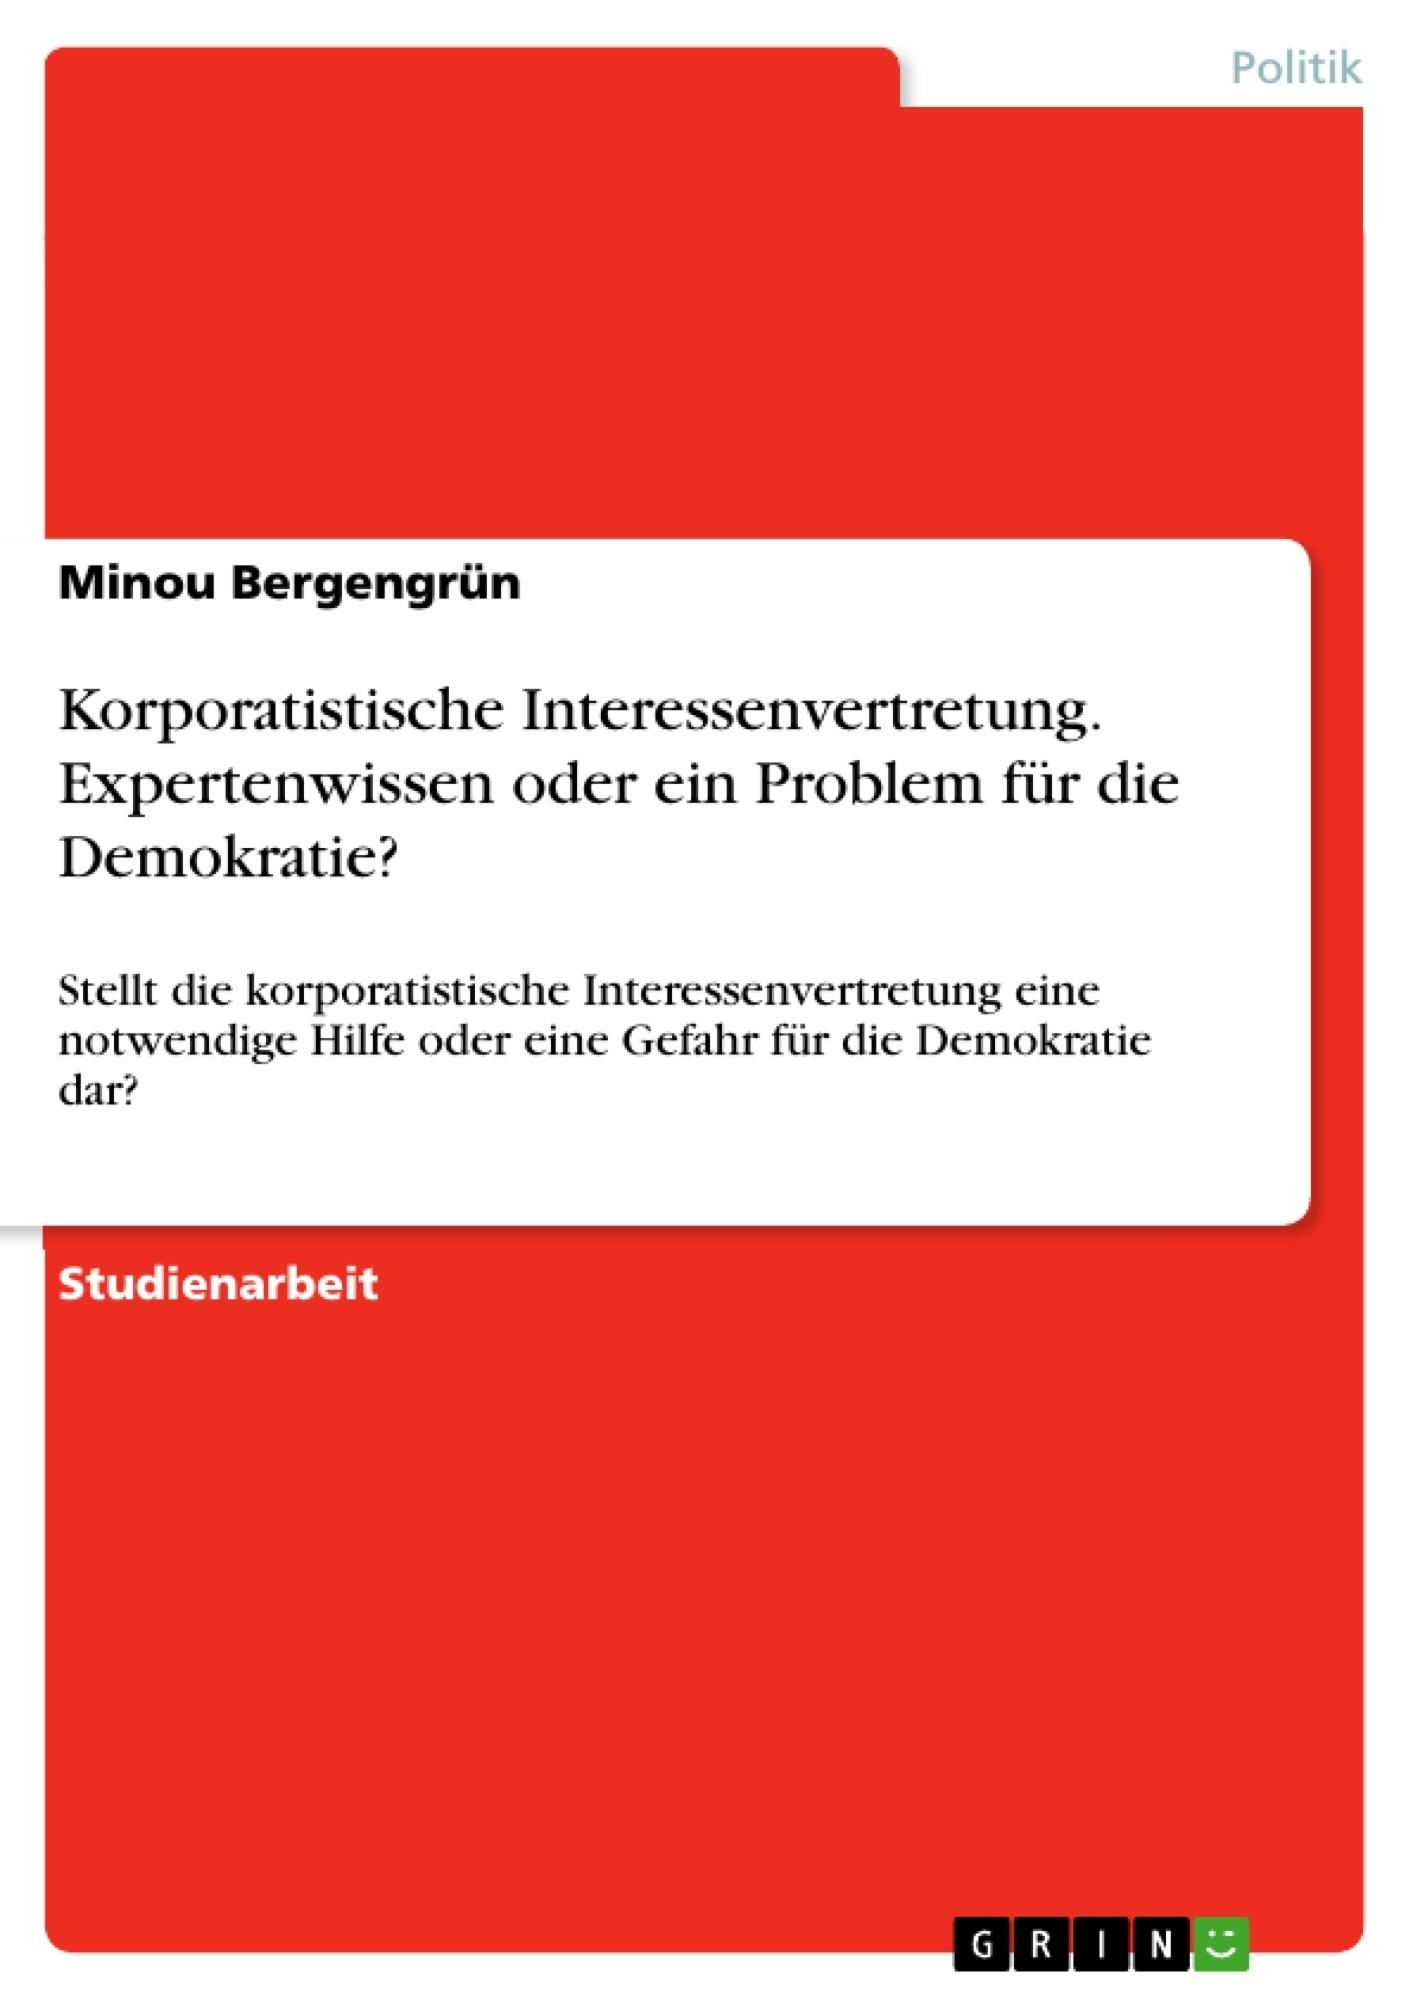 Titel: Korporatistische Interessenvertretung. Expertenwissen oder ein Problem für die Demokratie?